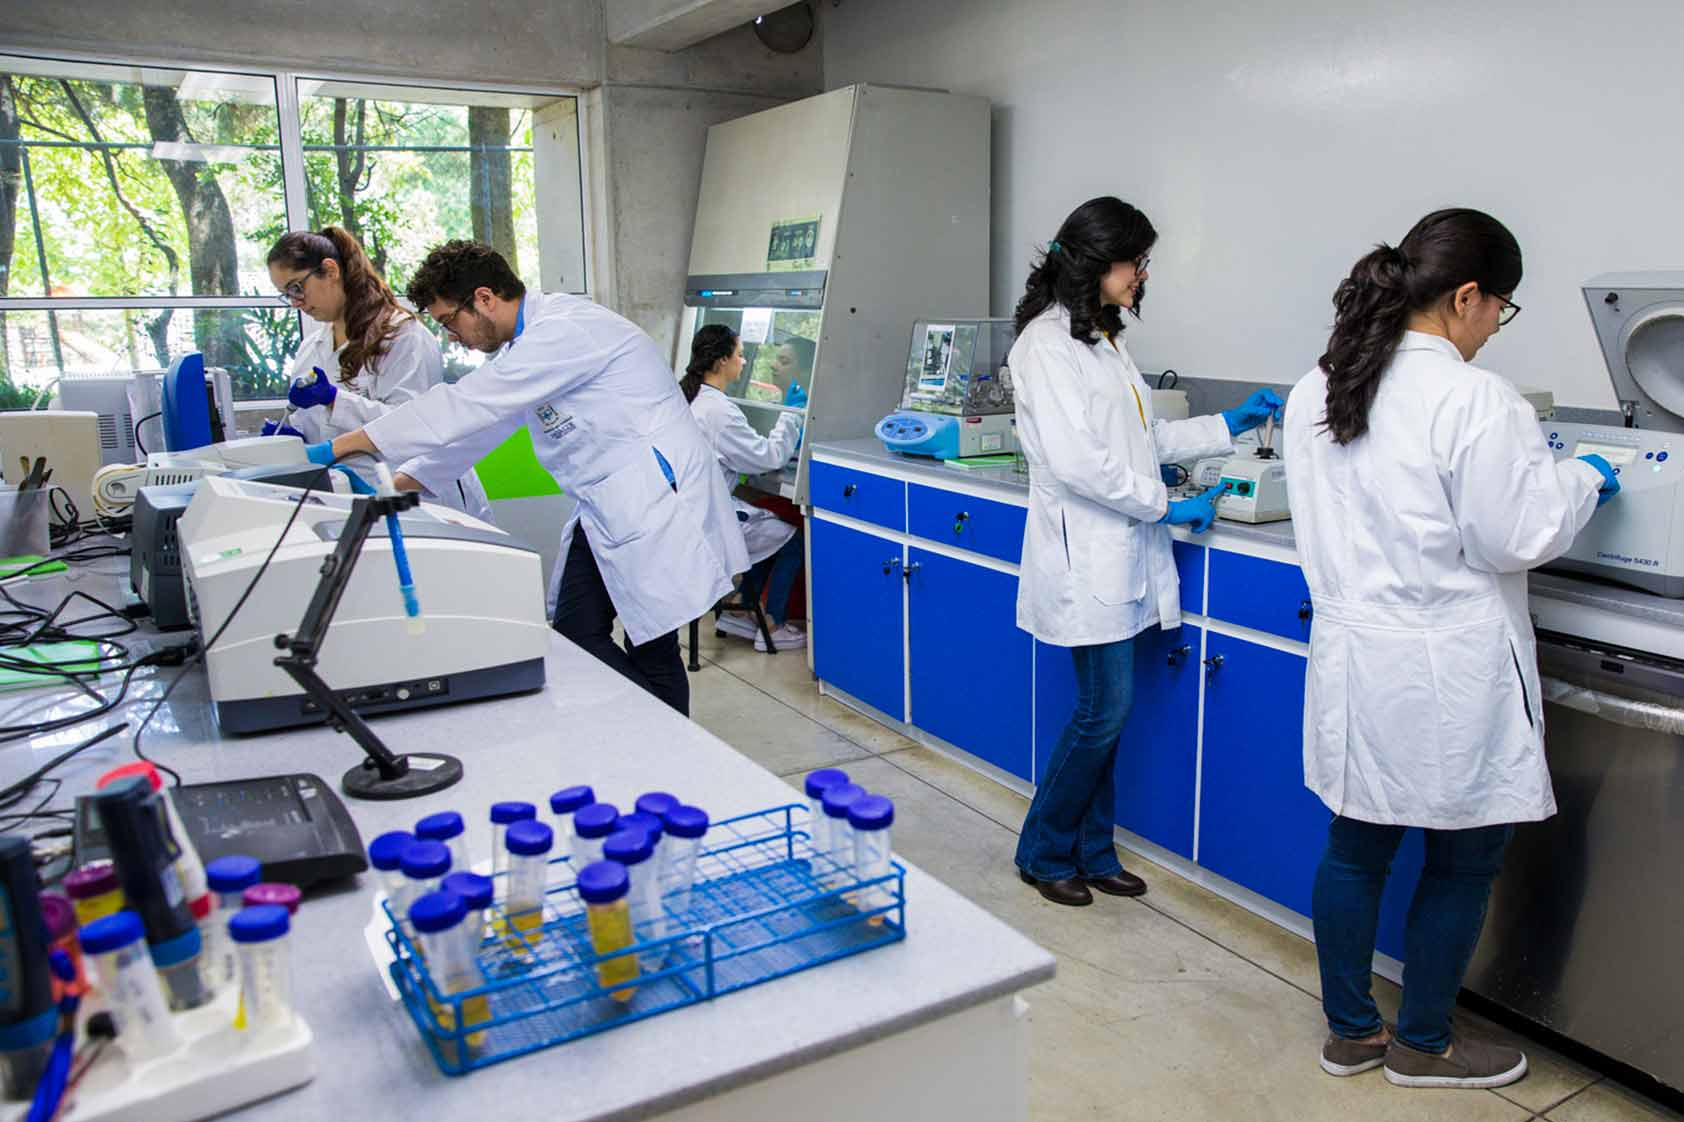 Biotecnología Molecular y Bioquímica y Microbiología: dos carreras que le apuestan a la innovación abierta